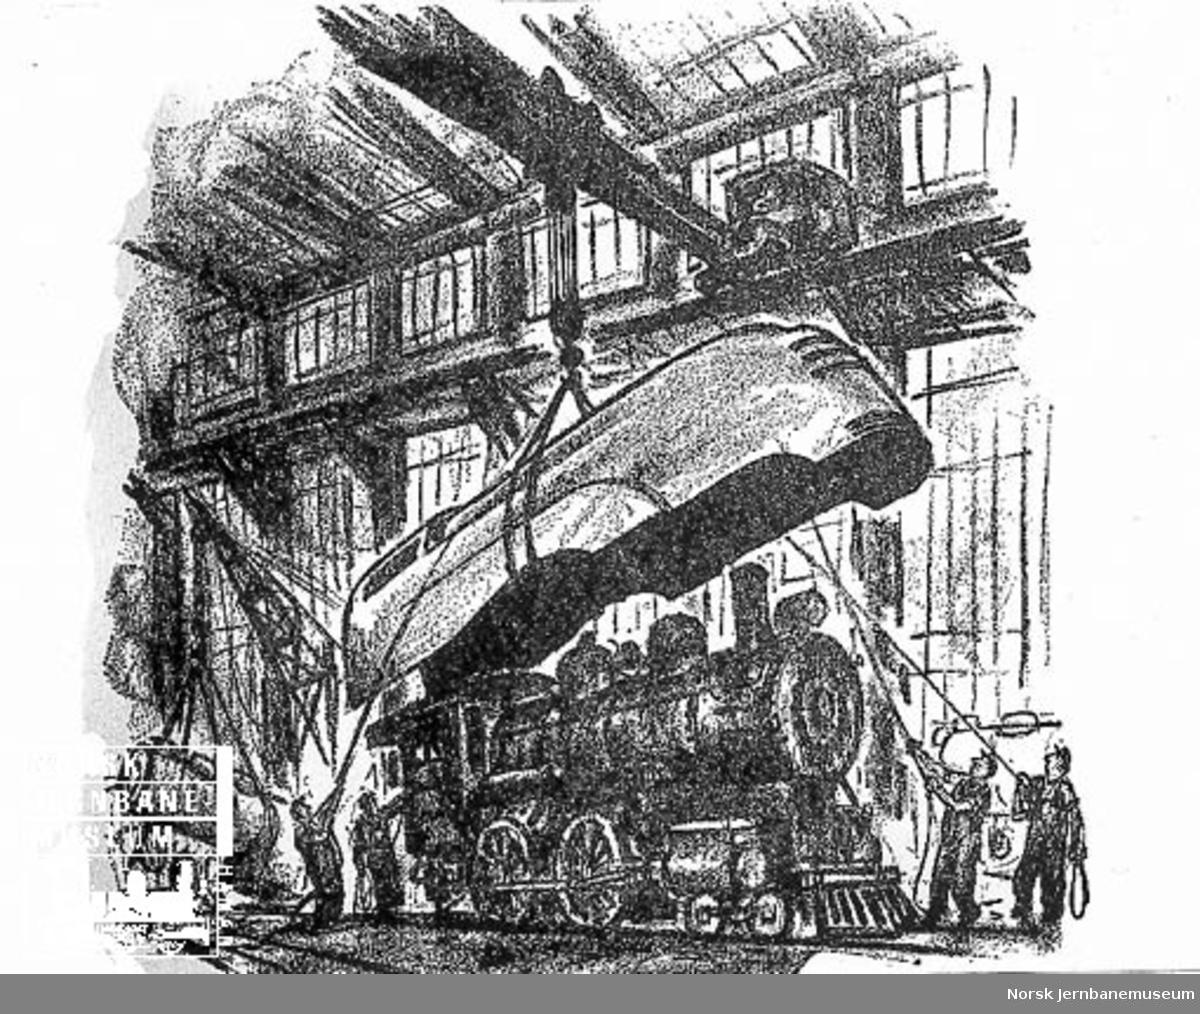 Tegning av Otto Kuhler : Streamlining. En strømlinjet kledning som heises ned på et damplokomotiv